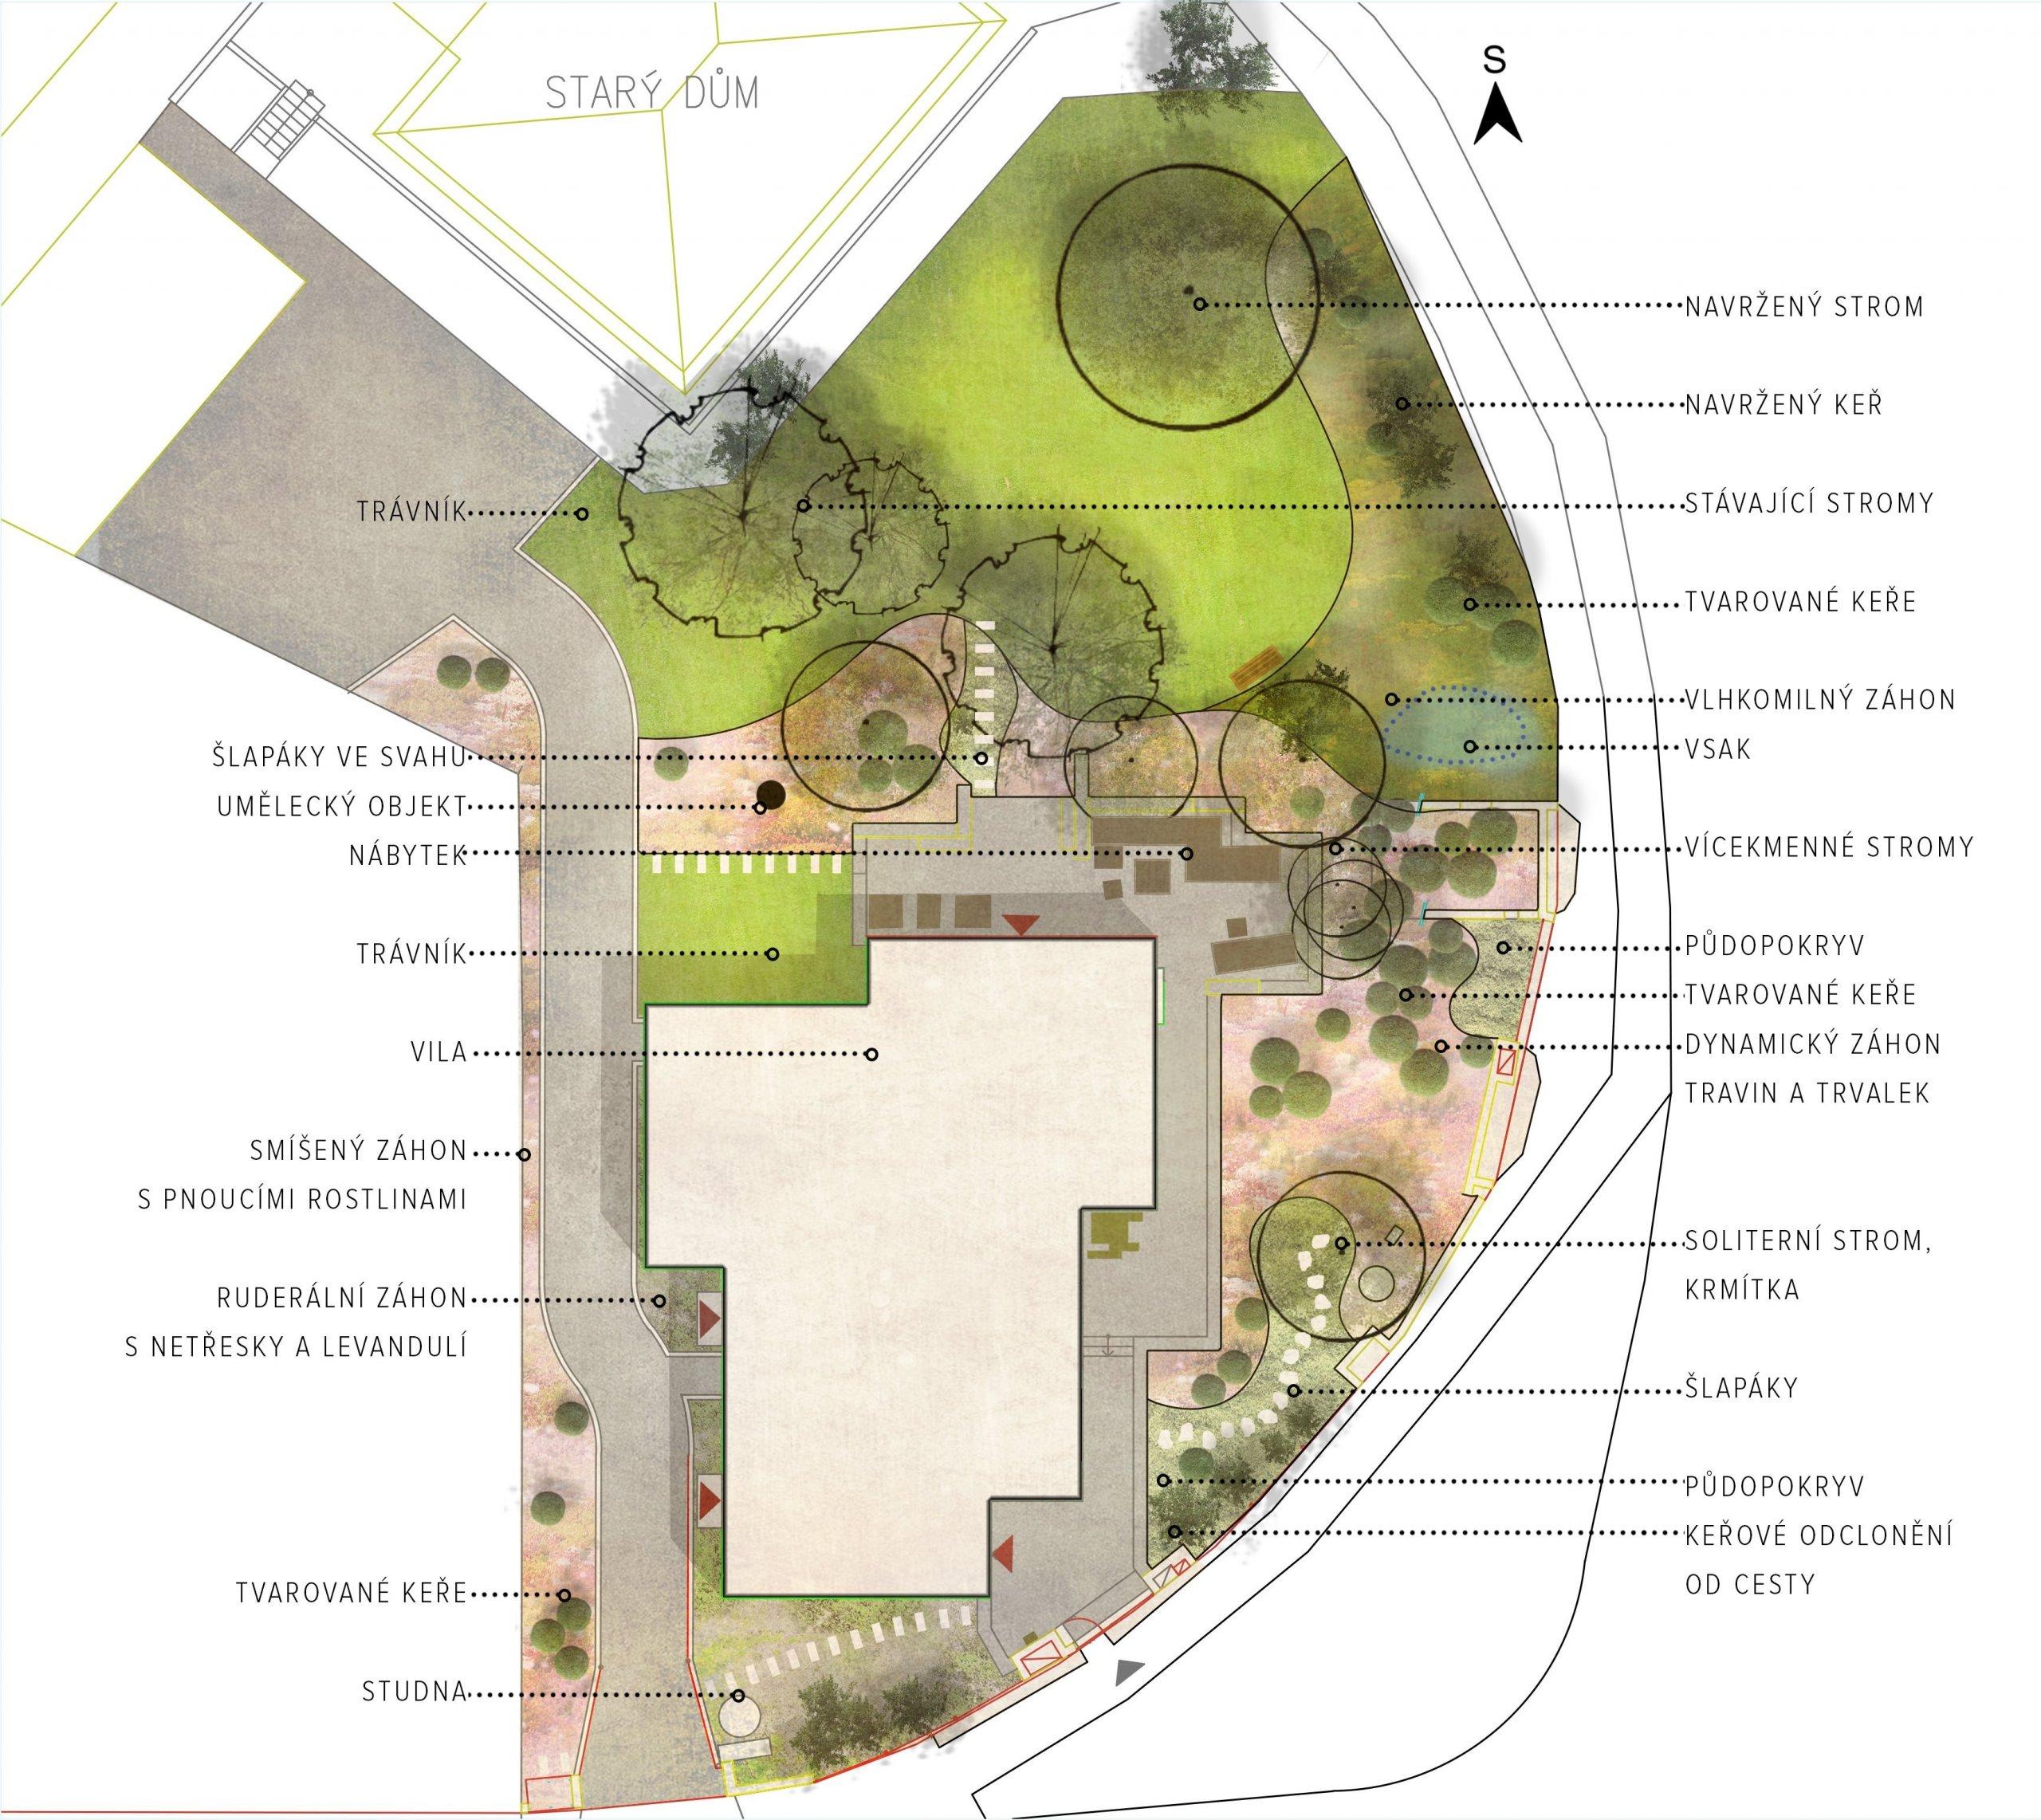 Zahradní architektura často využívá principu opakování – toho je využito i v konceptu této zahrady. Celou zahradu propojují skupiny stálezelených keřů stříhaných do tvaru koule – jednou v kontrastu s travinami ve slunných záhonech, jindy v kombinaci se stínomilnými kapradinami a svěže zelenými rostlinami.